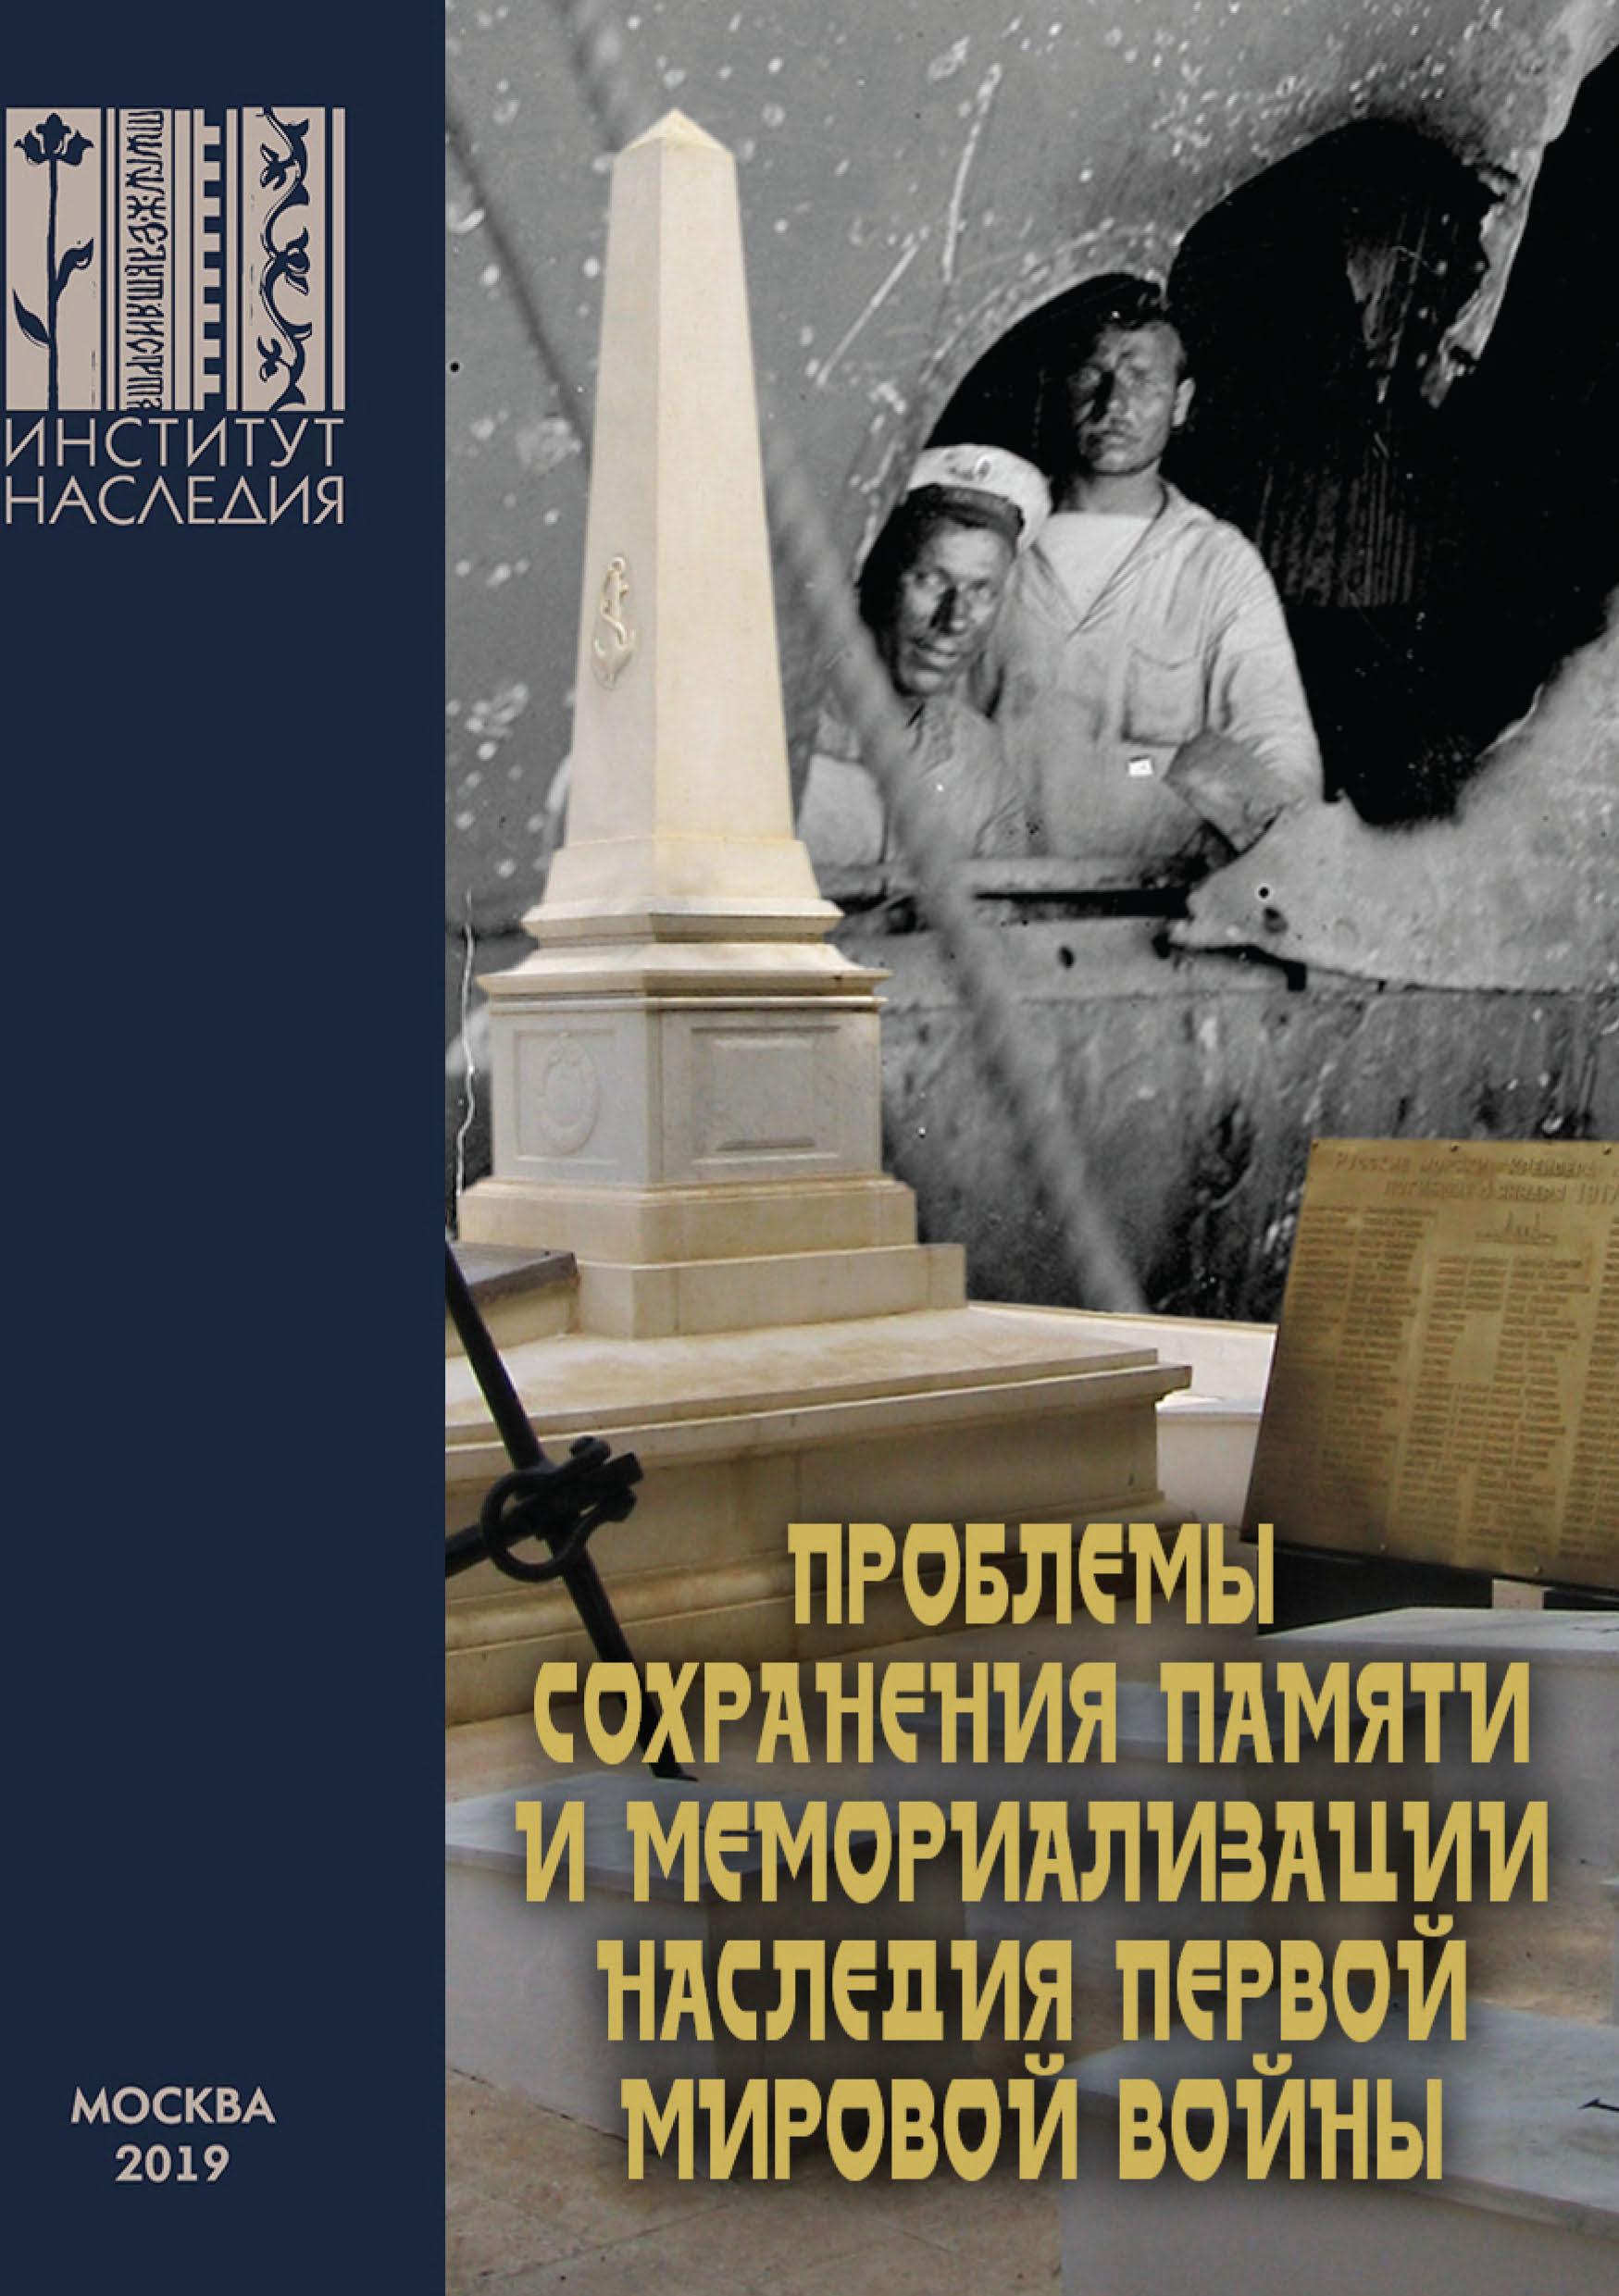 Проблемы сохранения памяти и мемориализации наследия Первой мировой войны